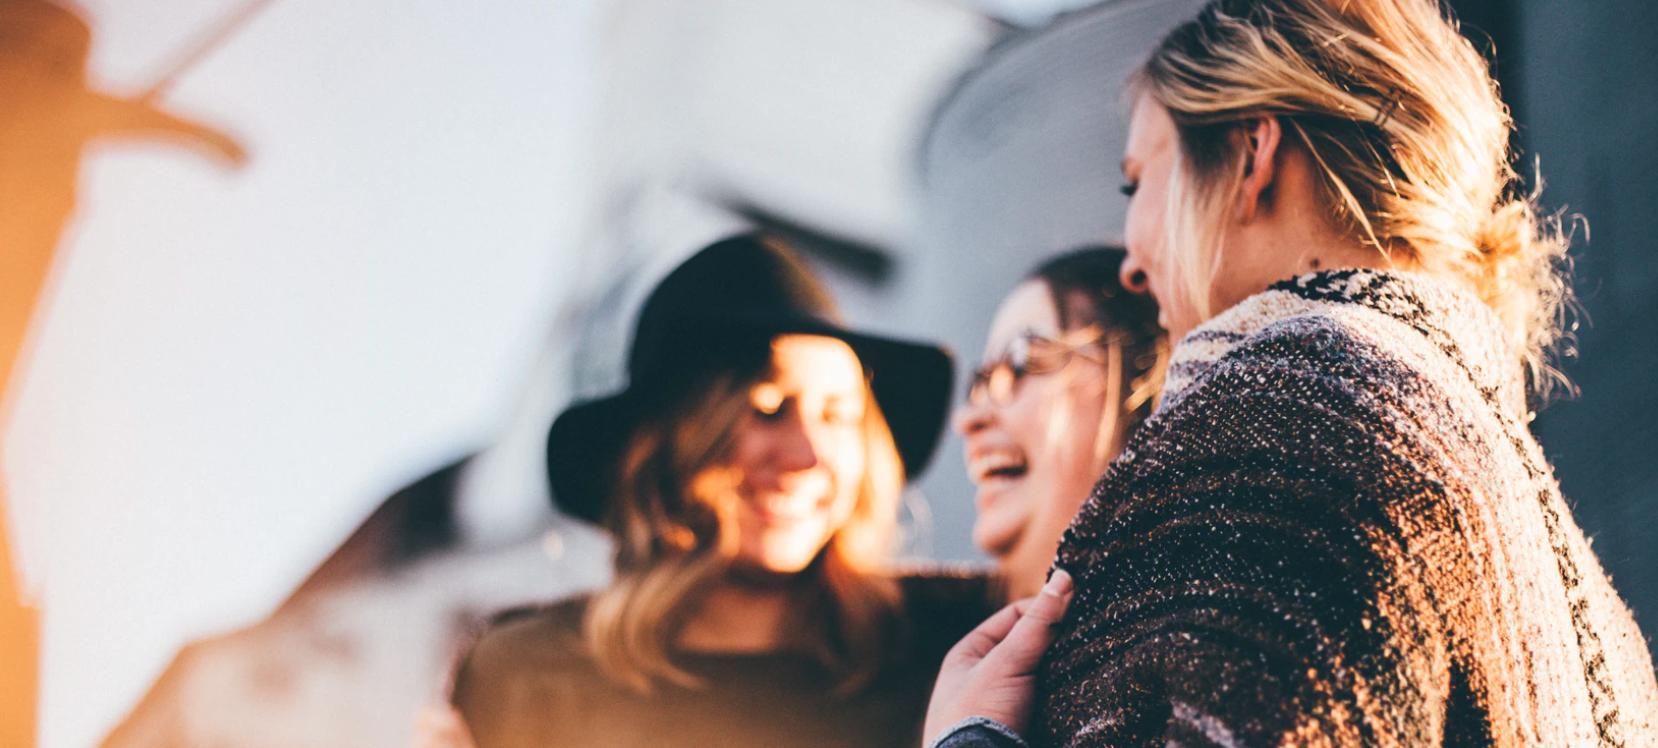 Hoe herken je een goede vriendschap?